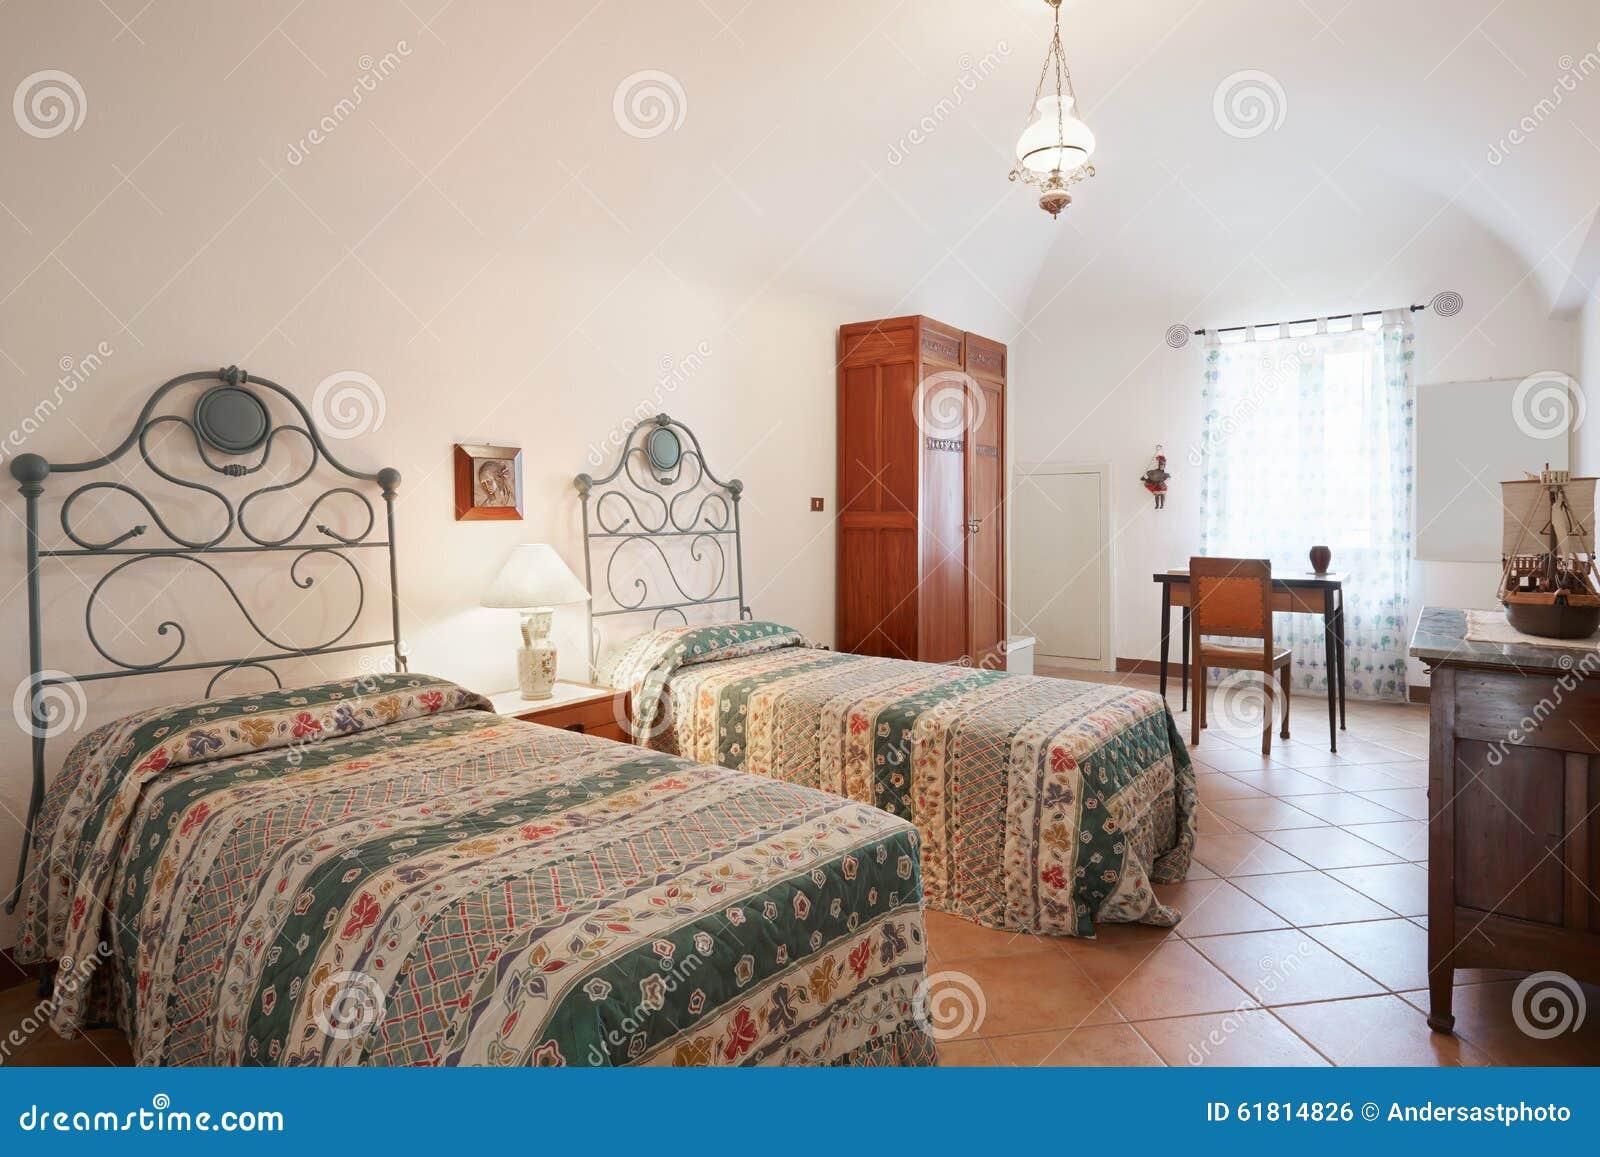 Schön Altes Schlafzimmer Mit Zwei Betten Im Alten Haus Stockfoto   Bild Von  Auslegung, Eleganz: 61814826